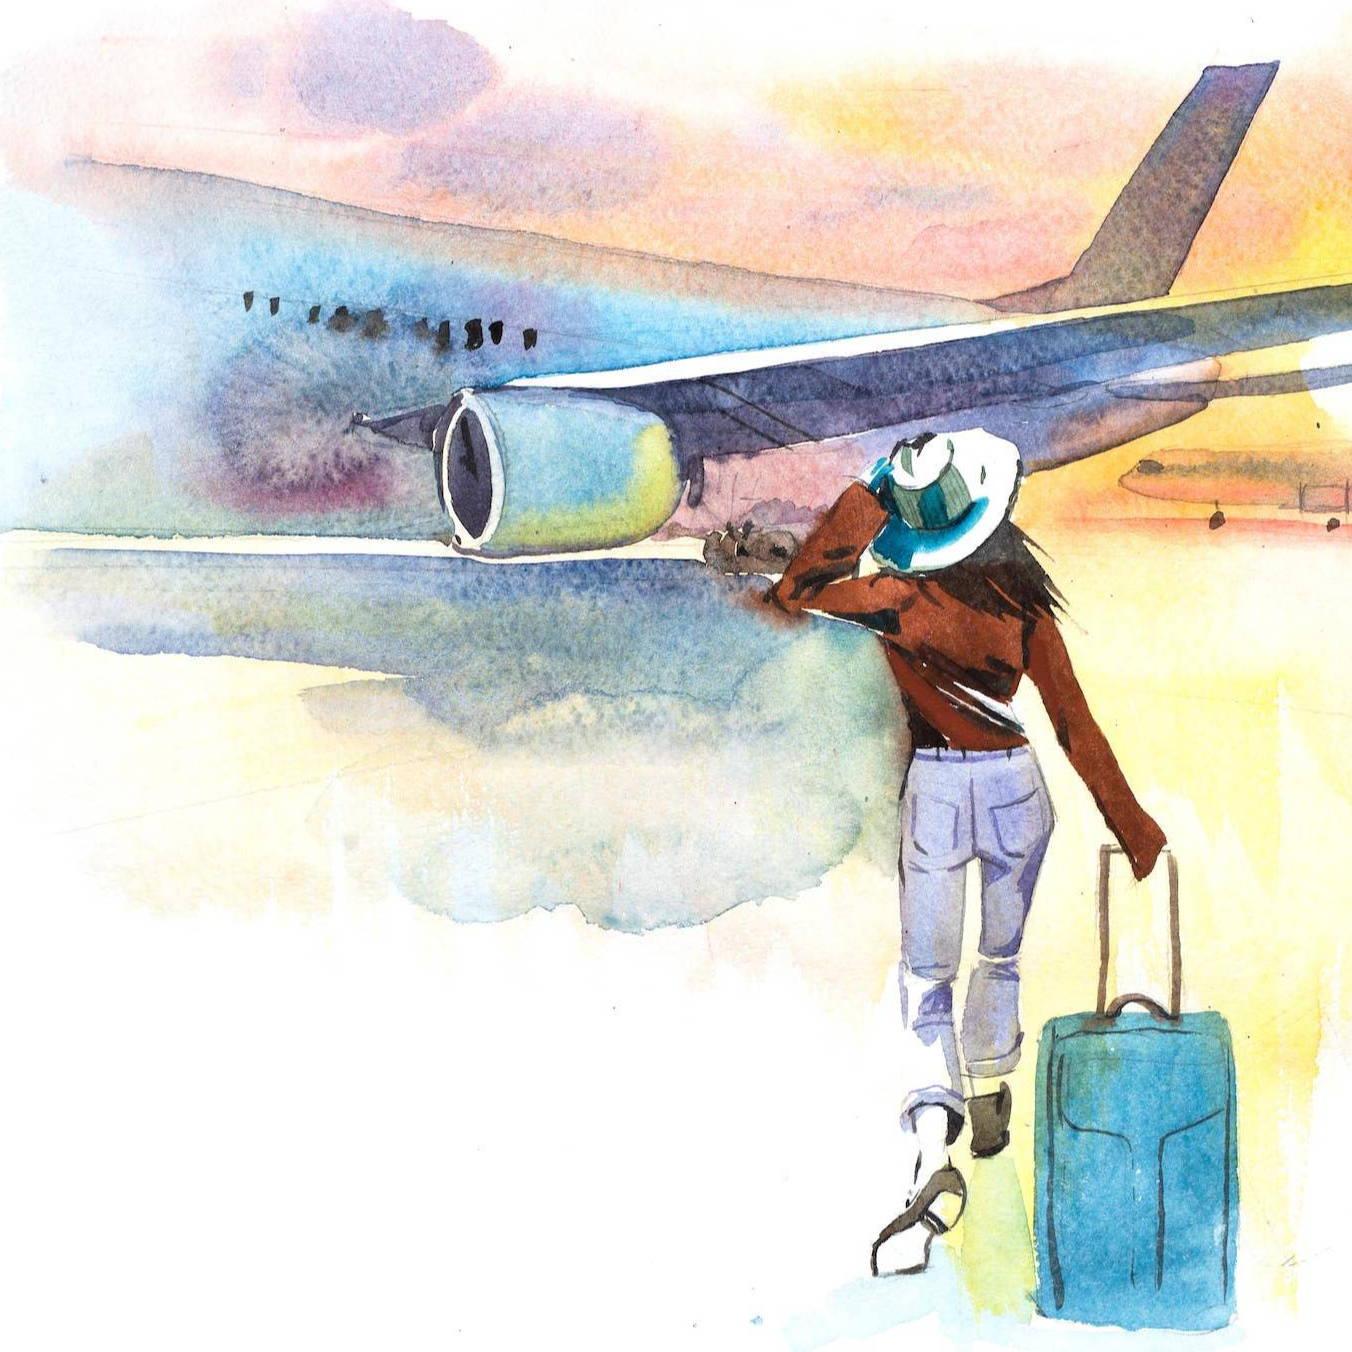 Air Travel as a Trans Woman